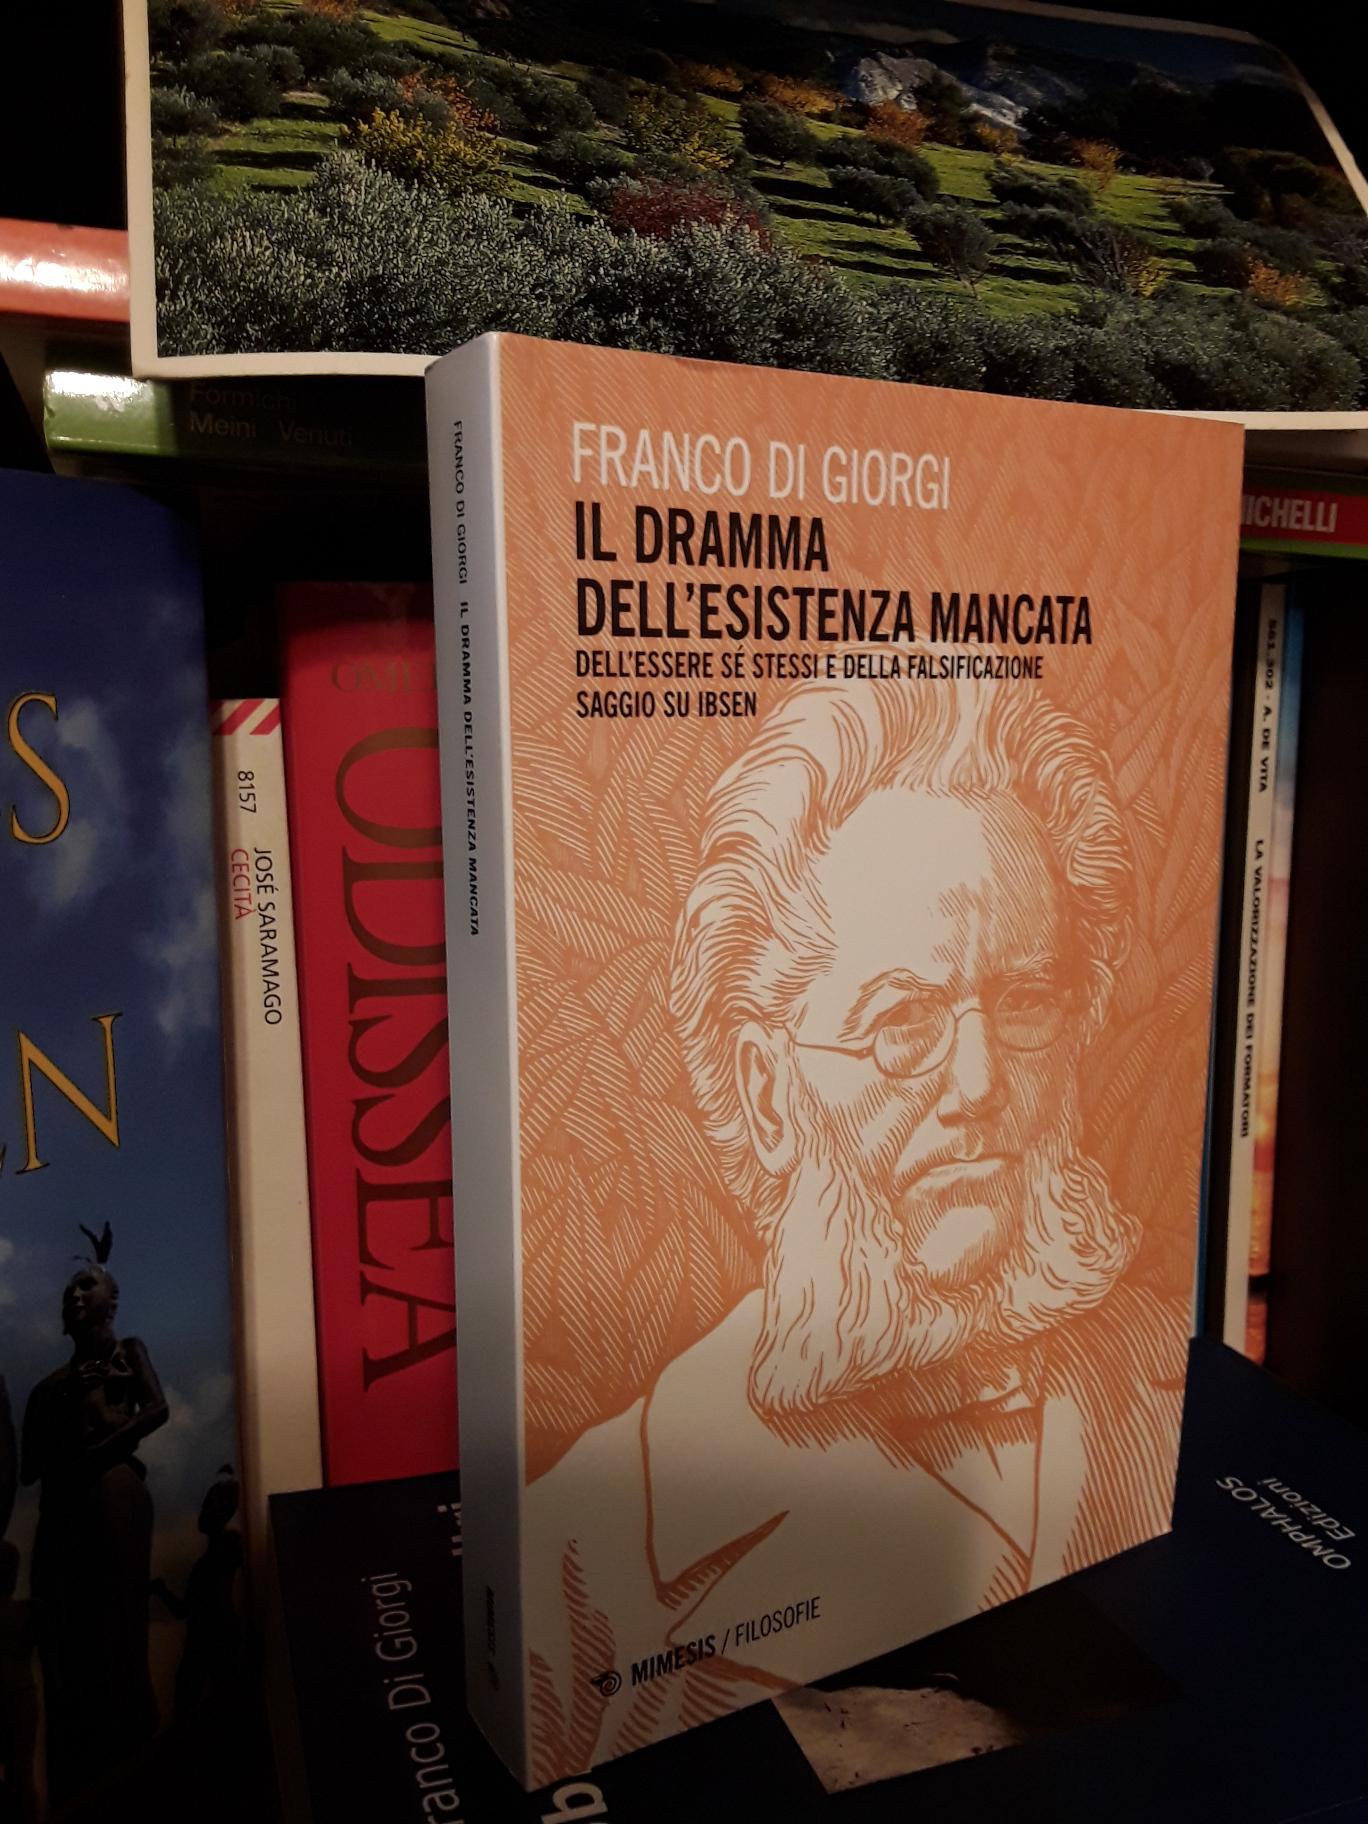 Foto del Libro di Franco Di Giorgi su Ibsen